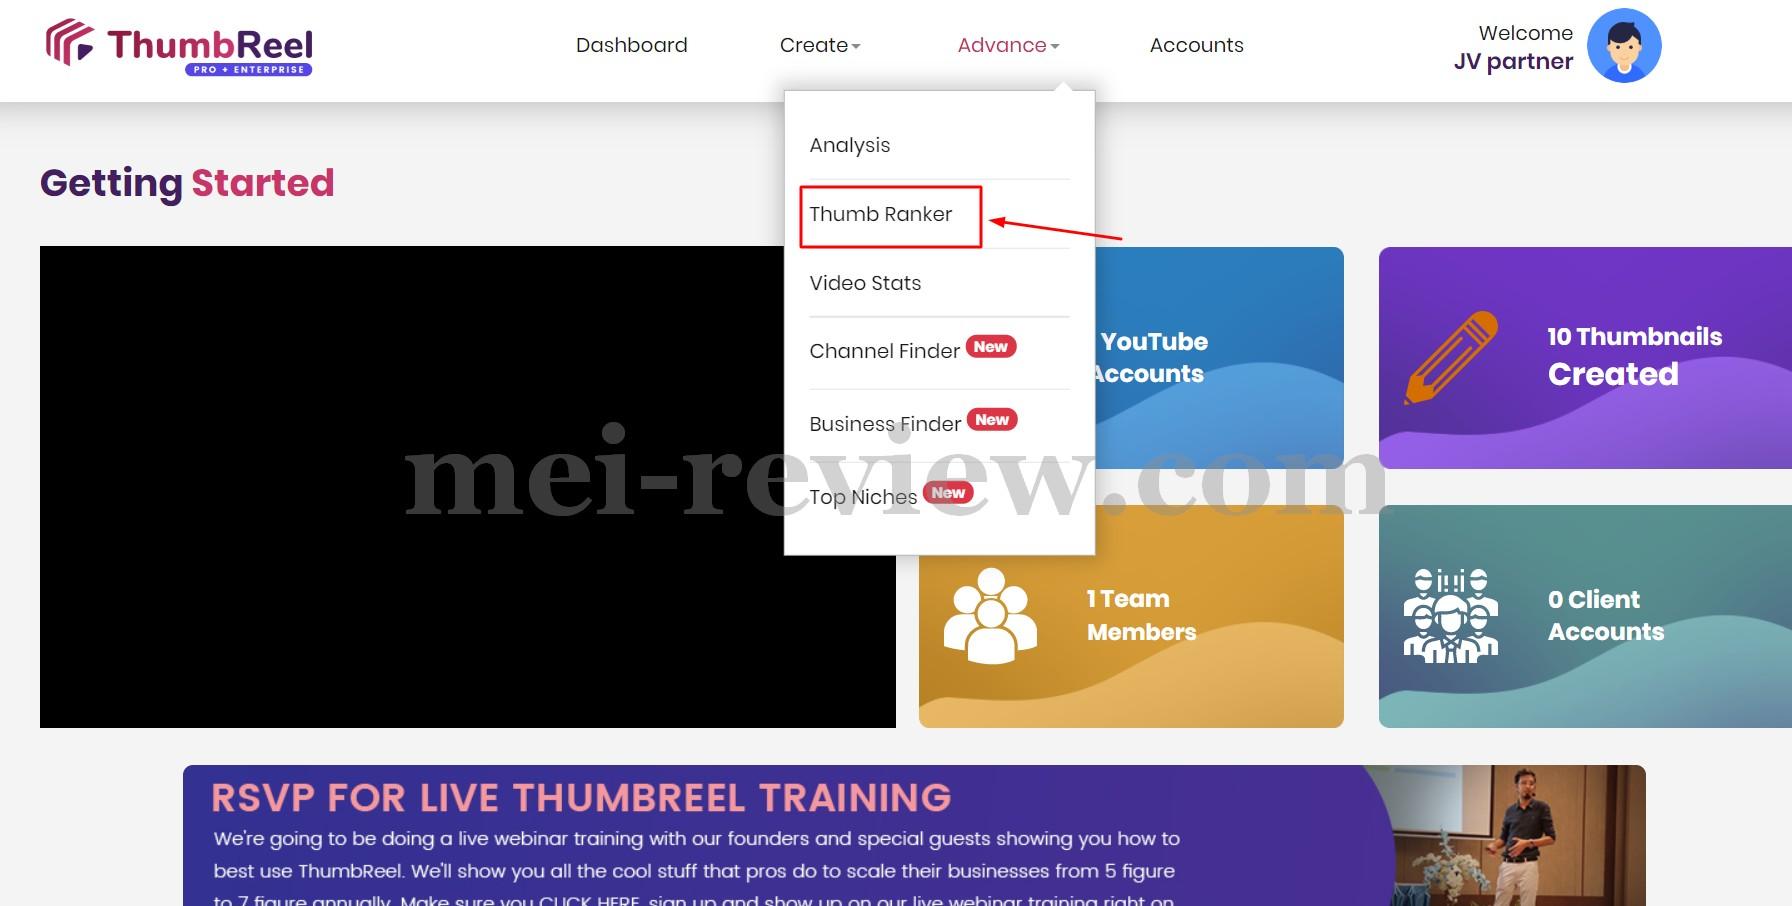 ThumbReel-Demo-33-ThumbRanker